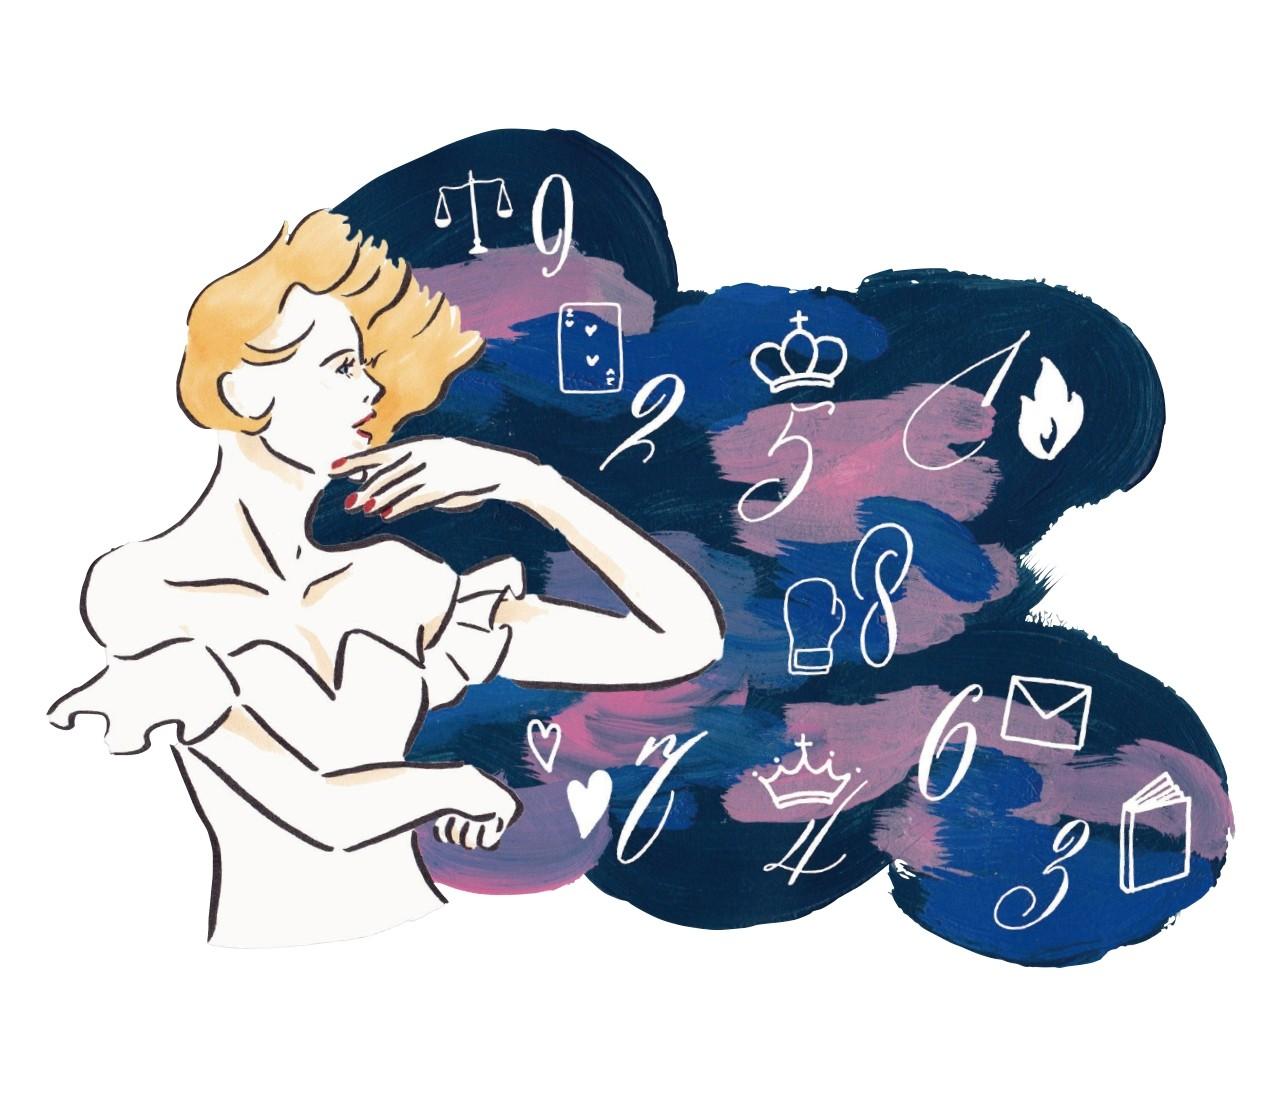 【イヴルルド遙華のマインドナンバー占い】生年月日の簡単な計算で、2020年後半&2021年の運気をズバリ!